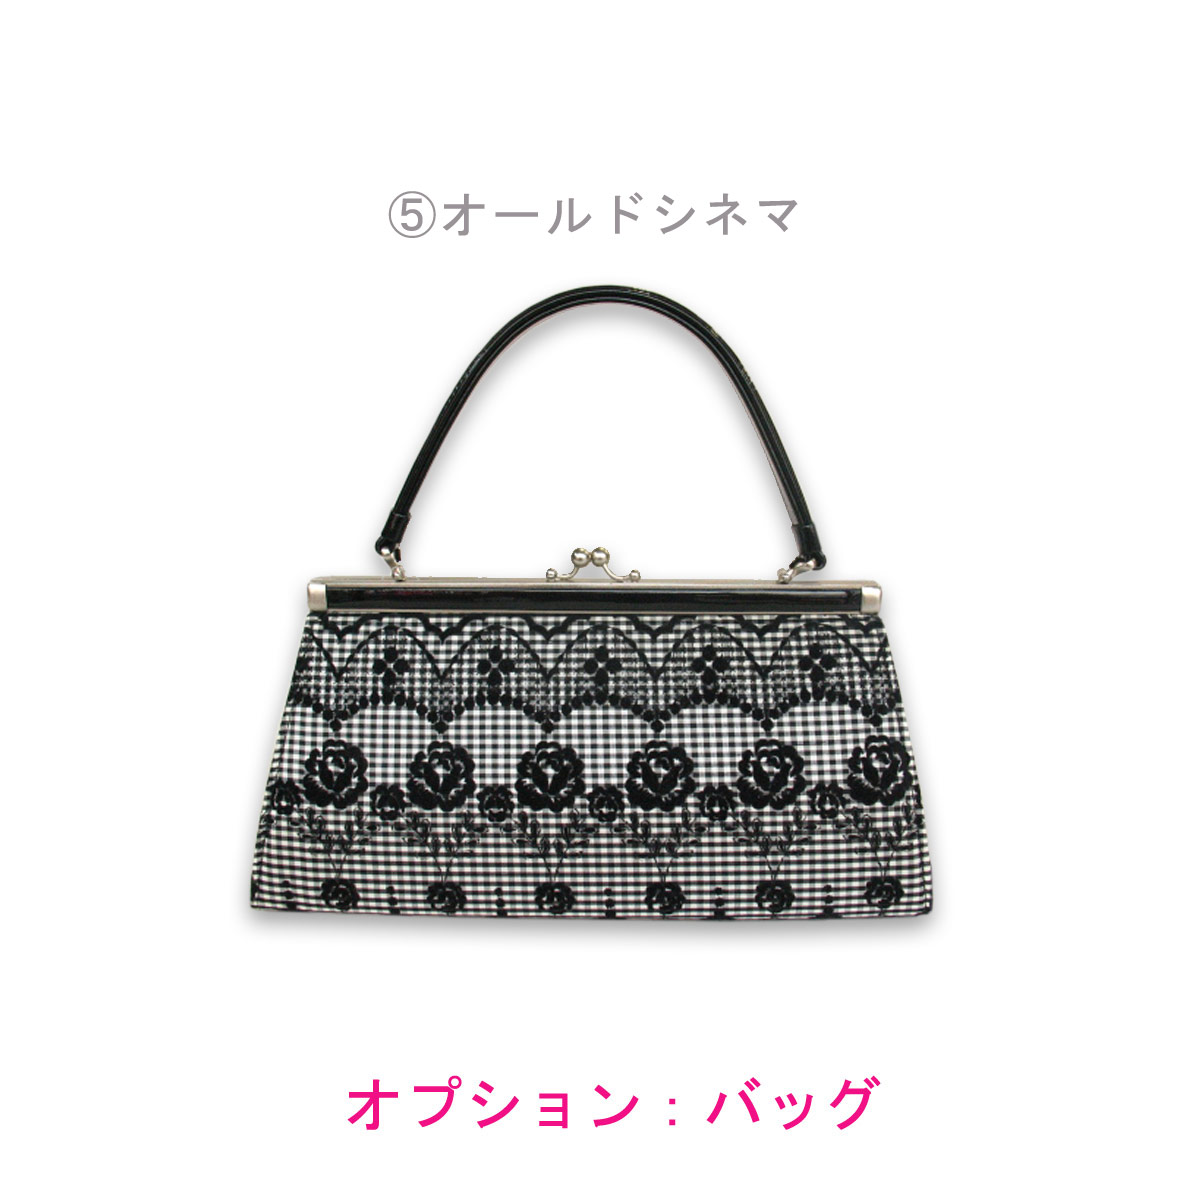 【レンタル】袴 puzzle 赤